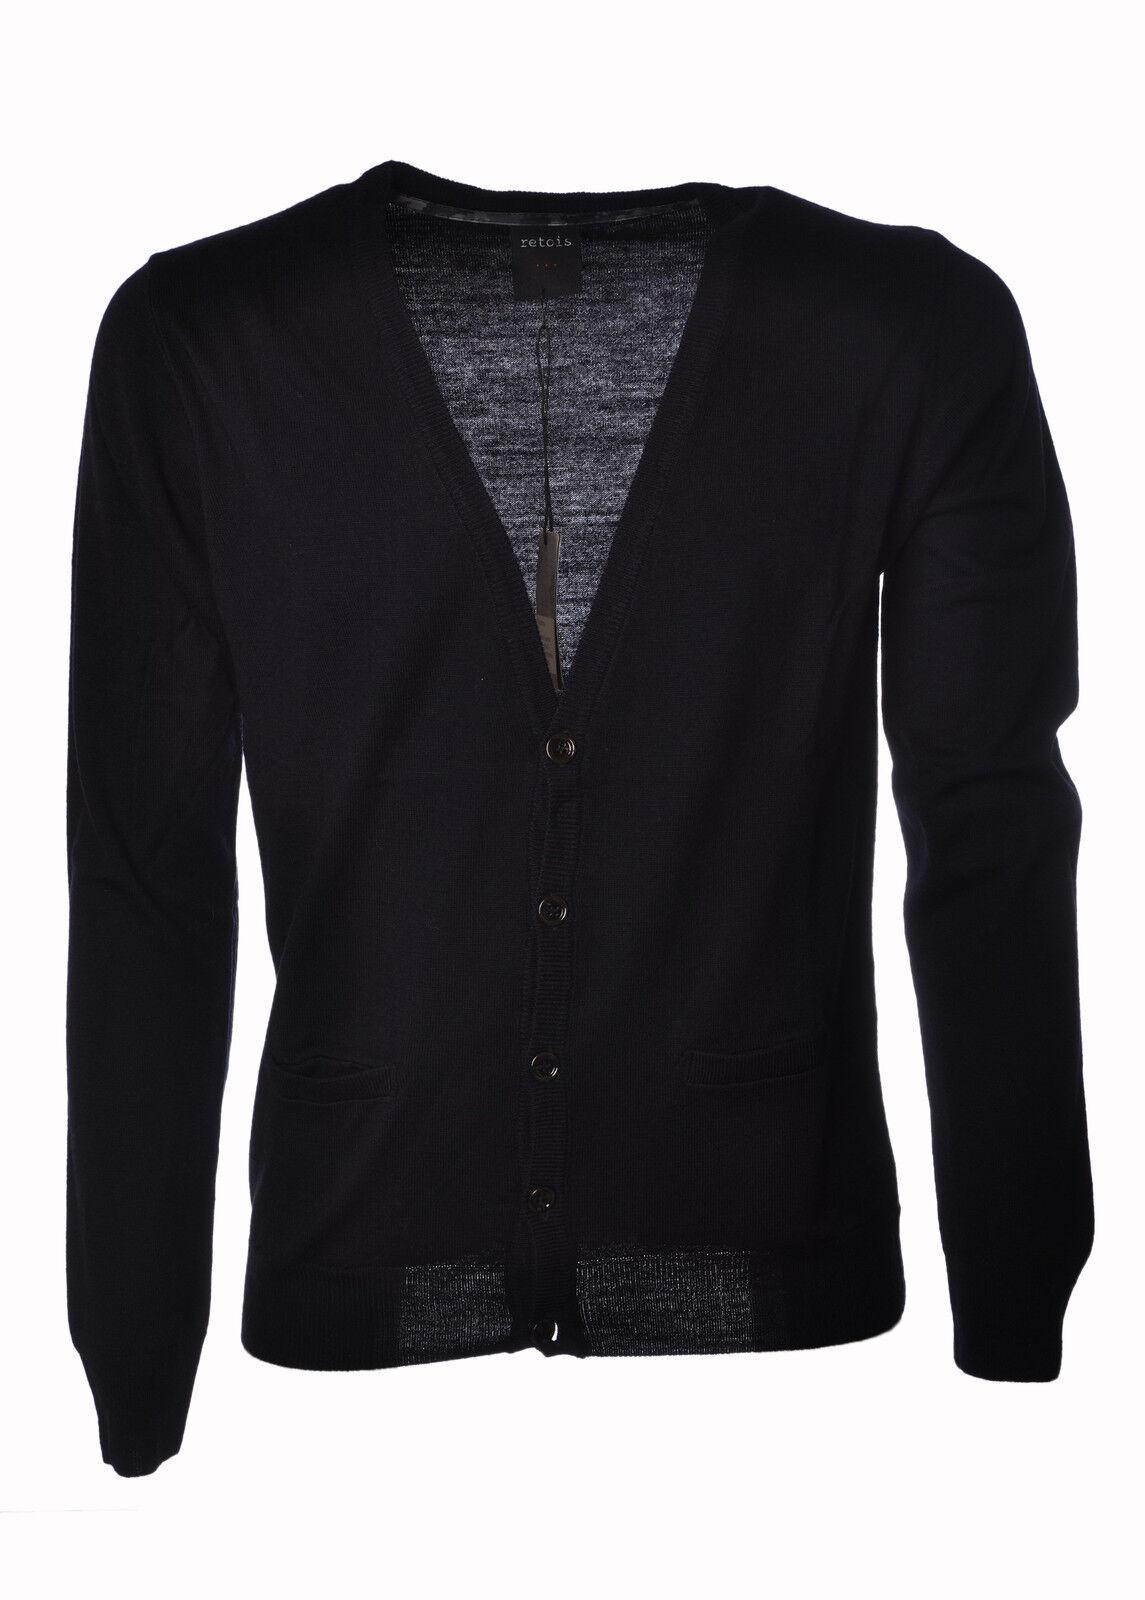 Retois - Knitwear-Cardigan - Man - bluee - 3860031C184027